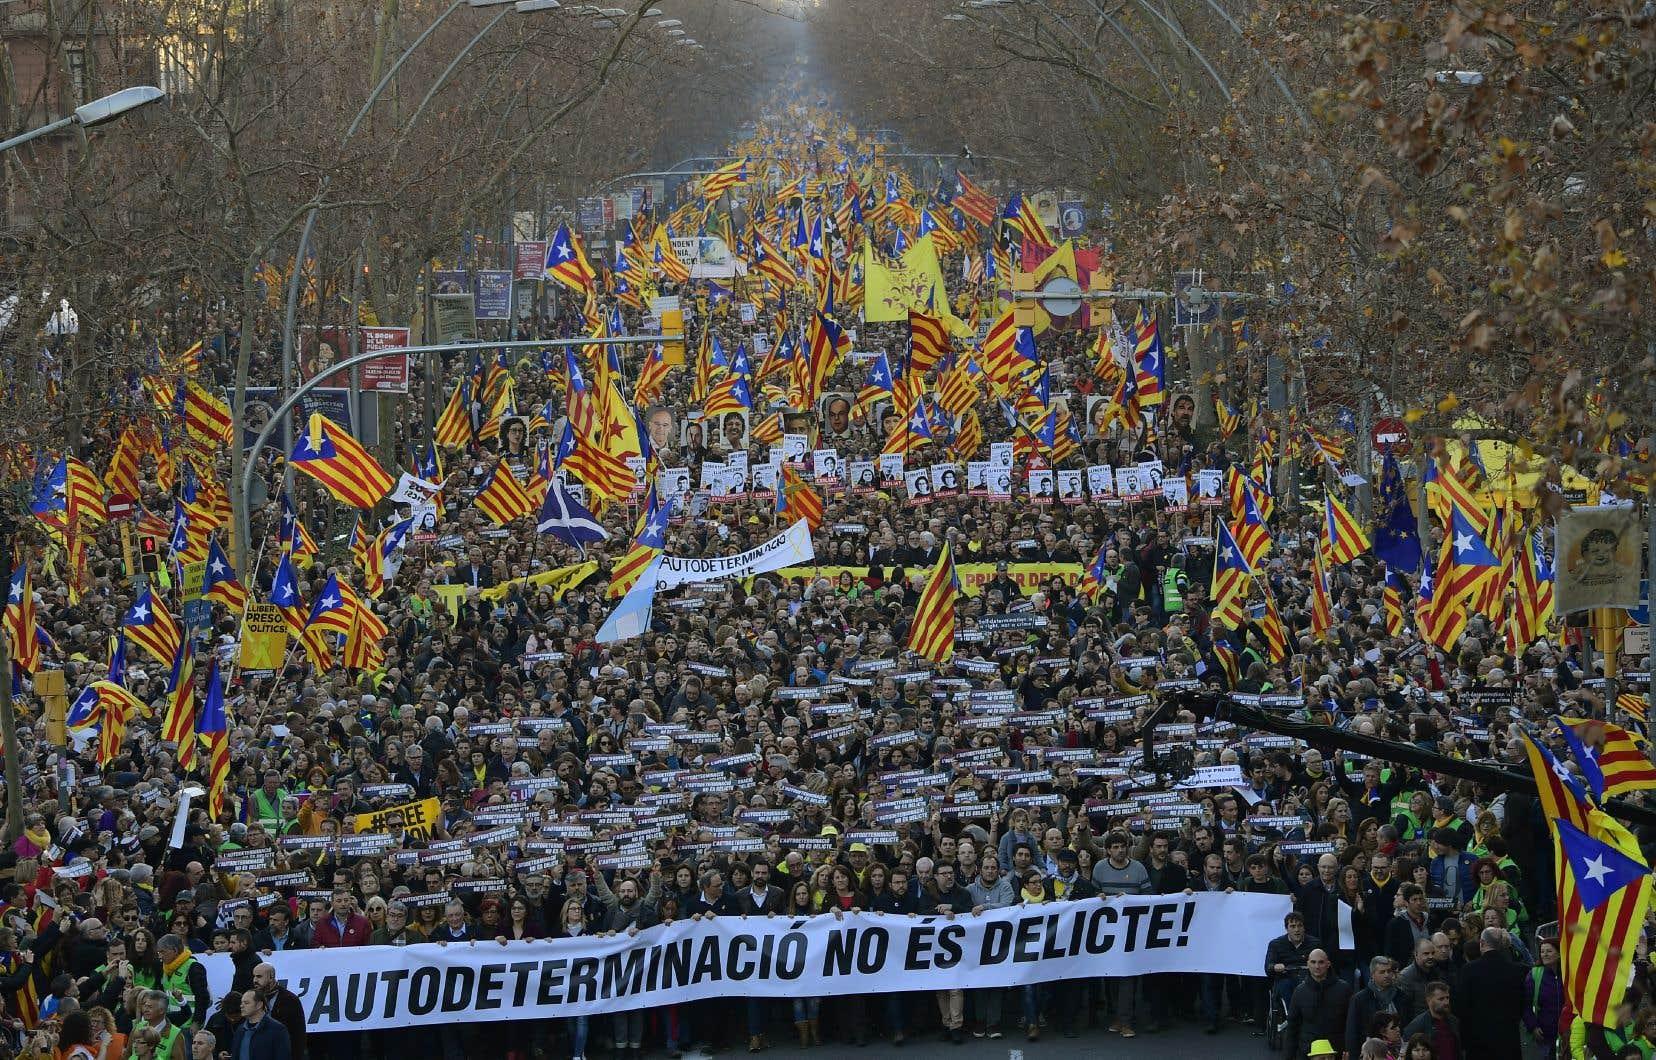 Les manifestants brandissaient le drapeau séparatiste catalan bleu, rouge et jaune etont défilé derrière une bannière proclamant «l'autodétermination n'est pas un crime».